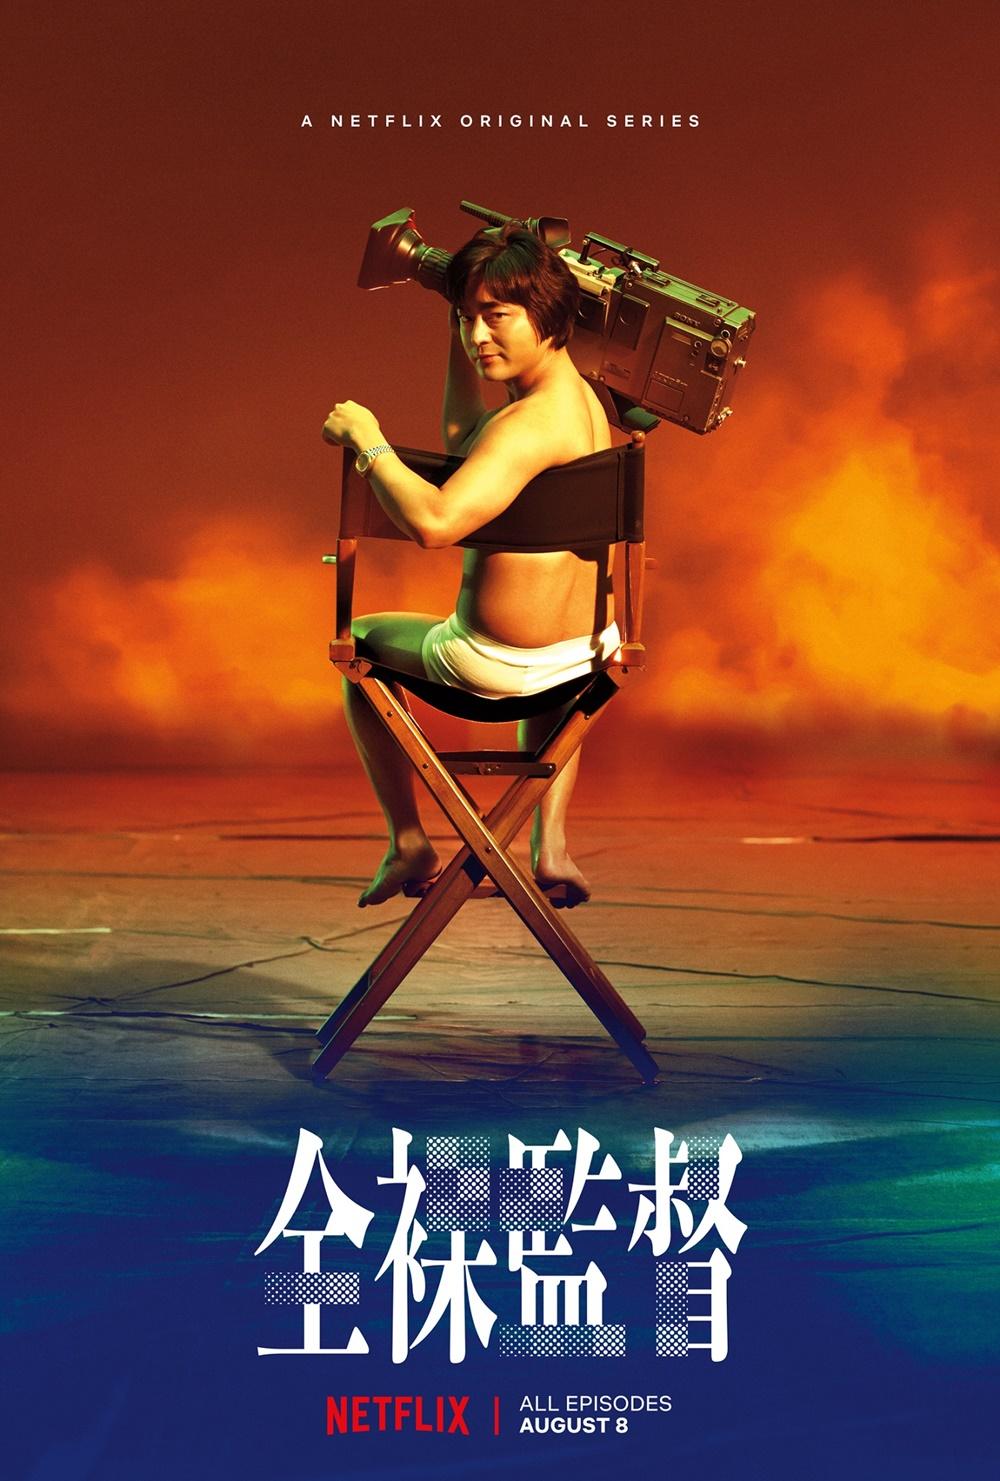 【画像】Netfilixオリジナルシリーズ『全裸監督』(The Naked Director) ティザービジュアル